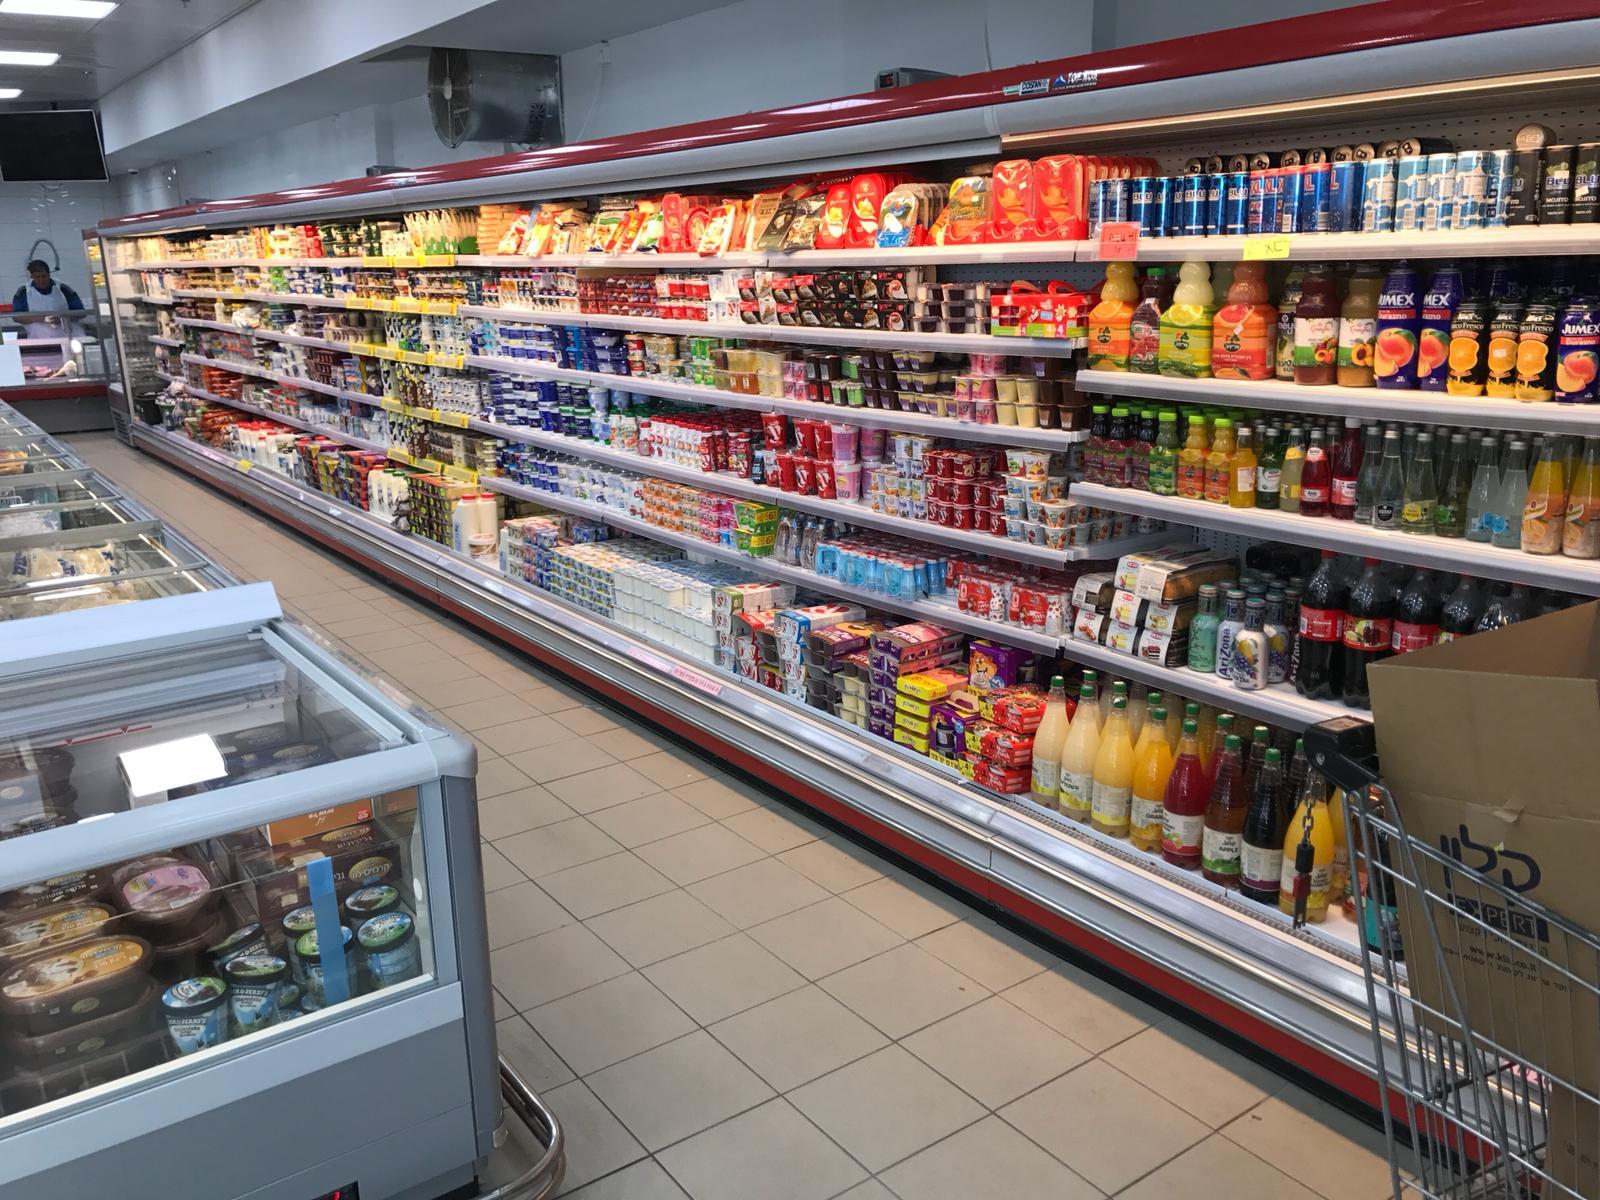 פרויקט מרכז המזון אלואחה (3)